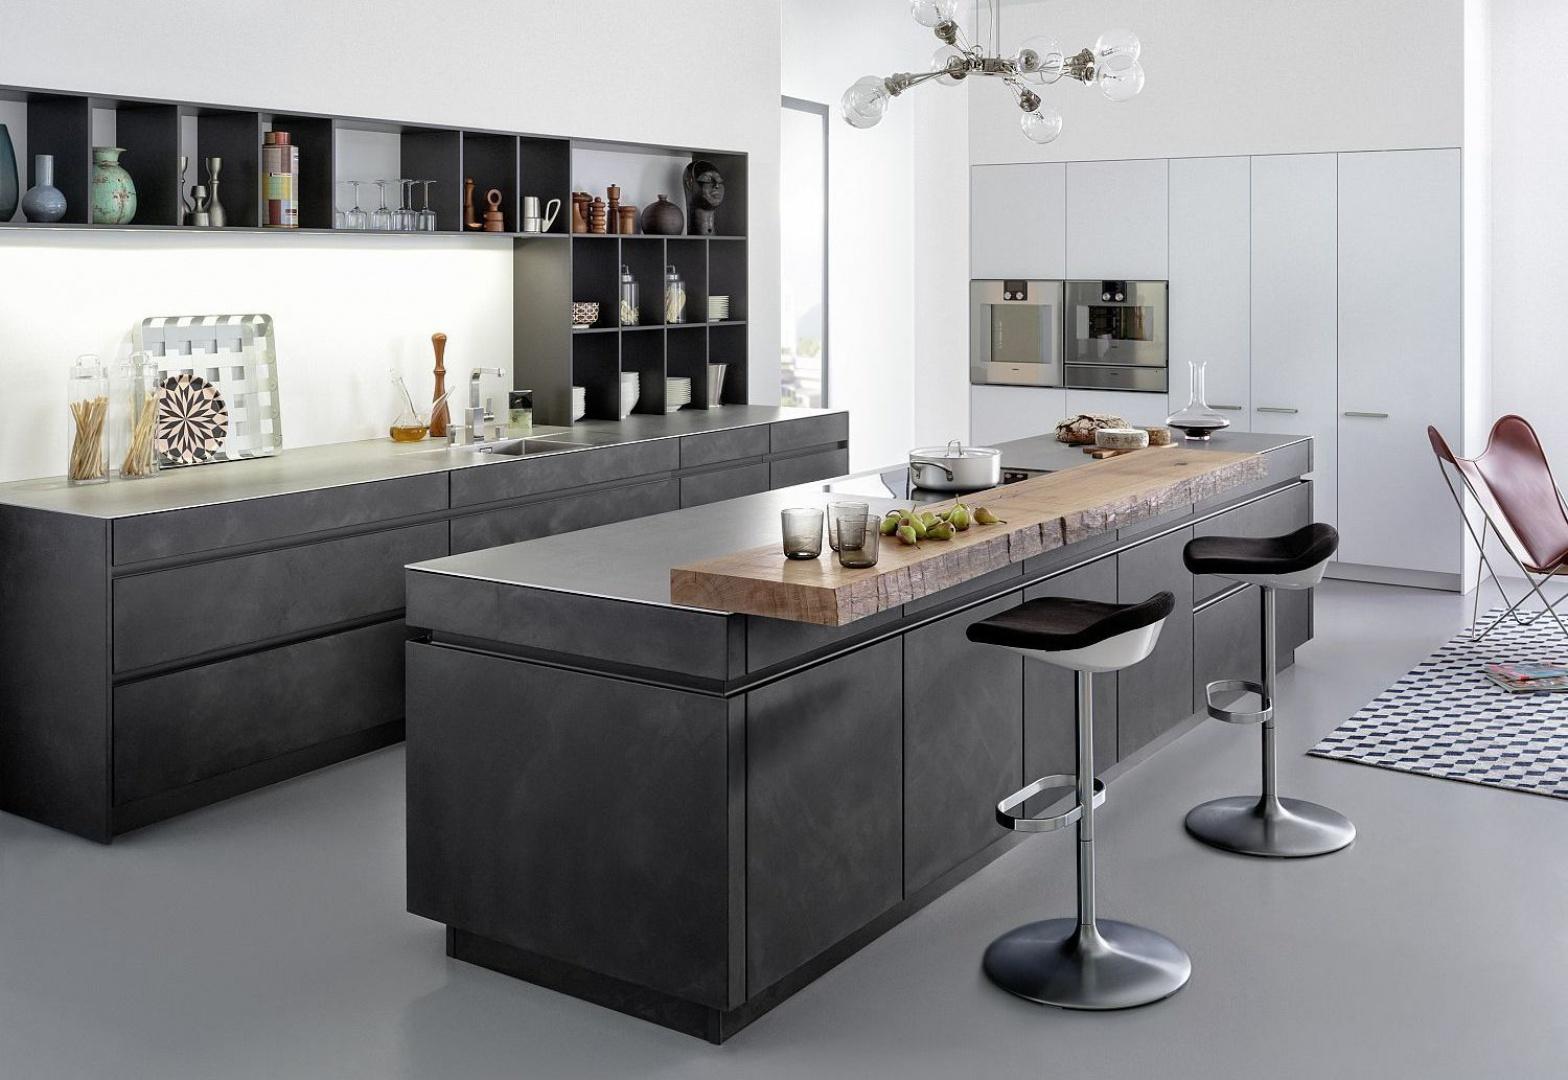 Meble w tej kuchni wykończono oryginalnym materiałem - ręcznie nakładanym cementem. Fot. Leicht, model Concrete-A